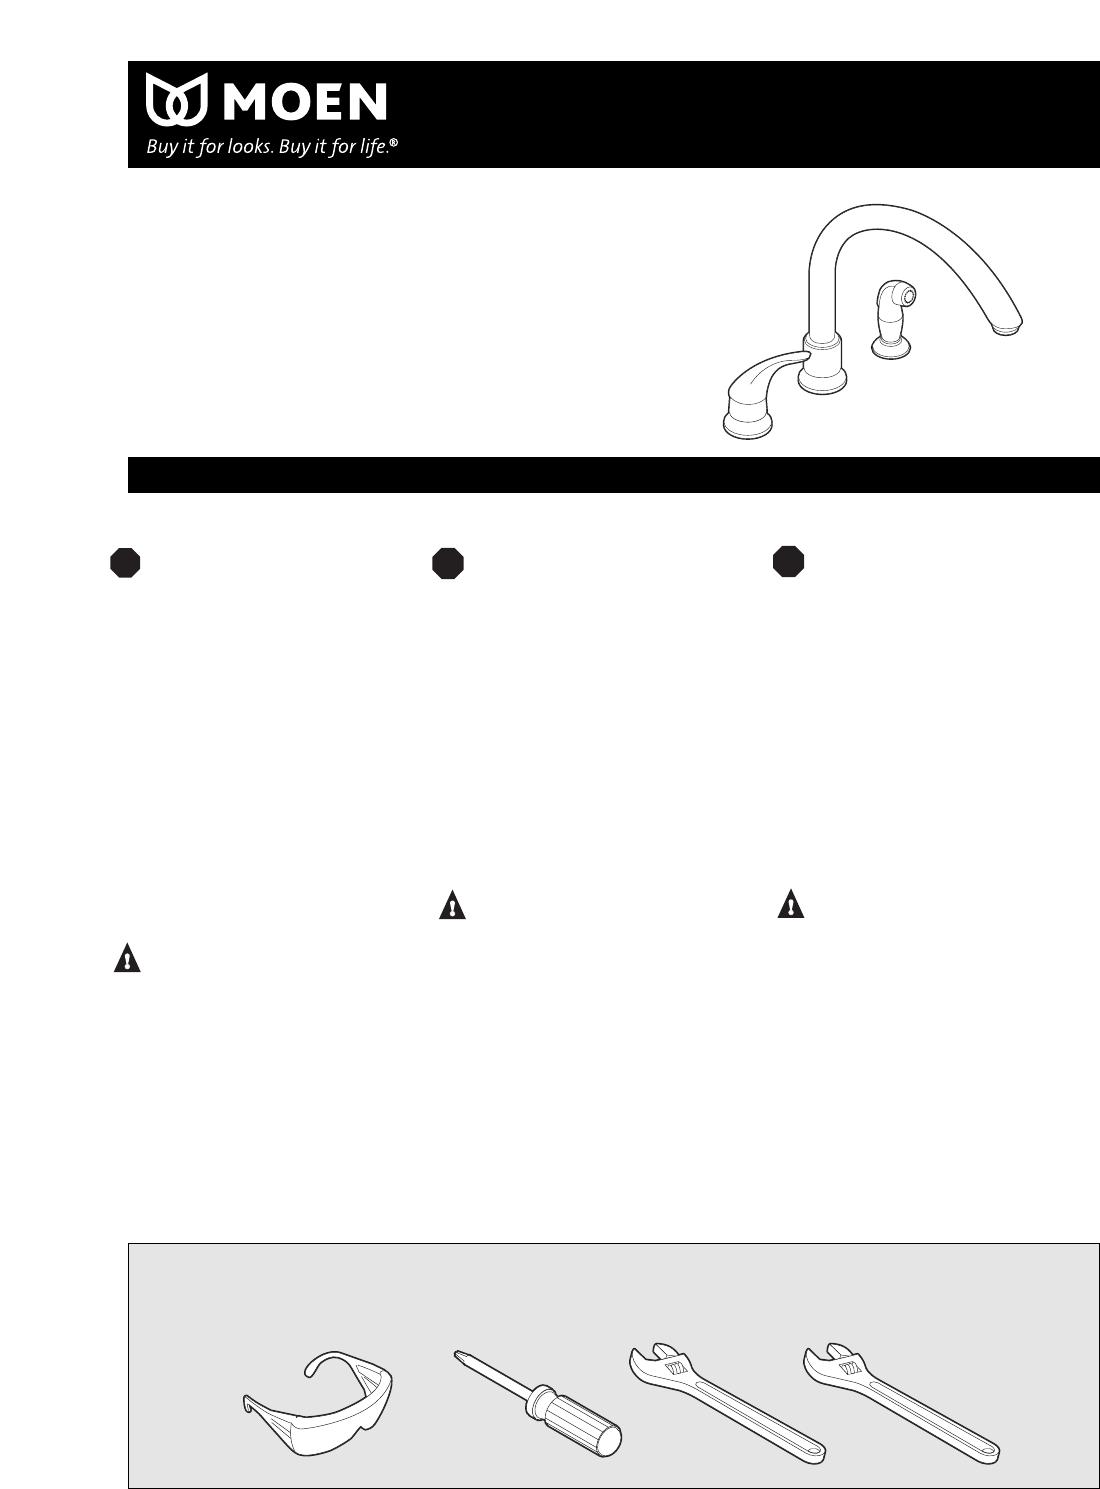 Moen Kitchen Faucet Model 7700 : Moen plumbing product user guide manuals